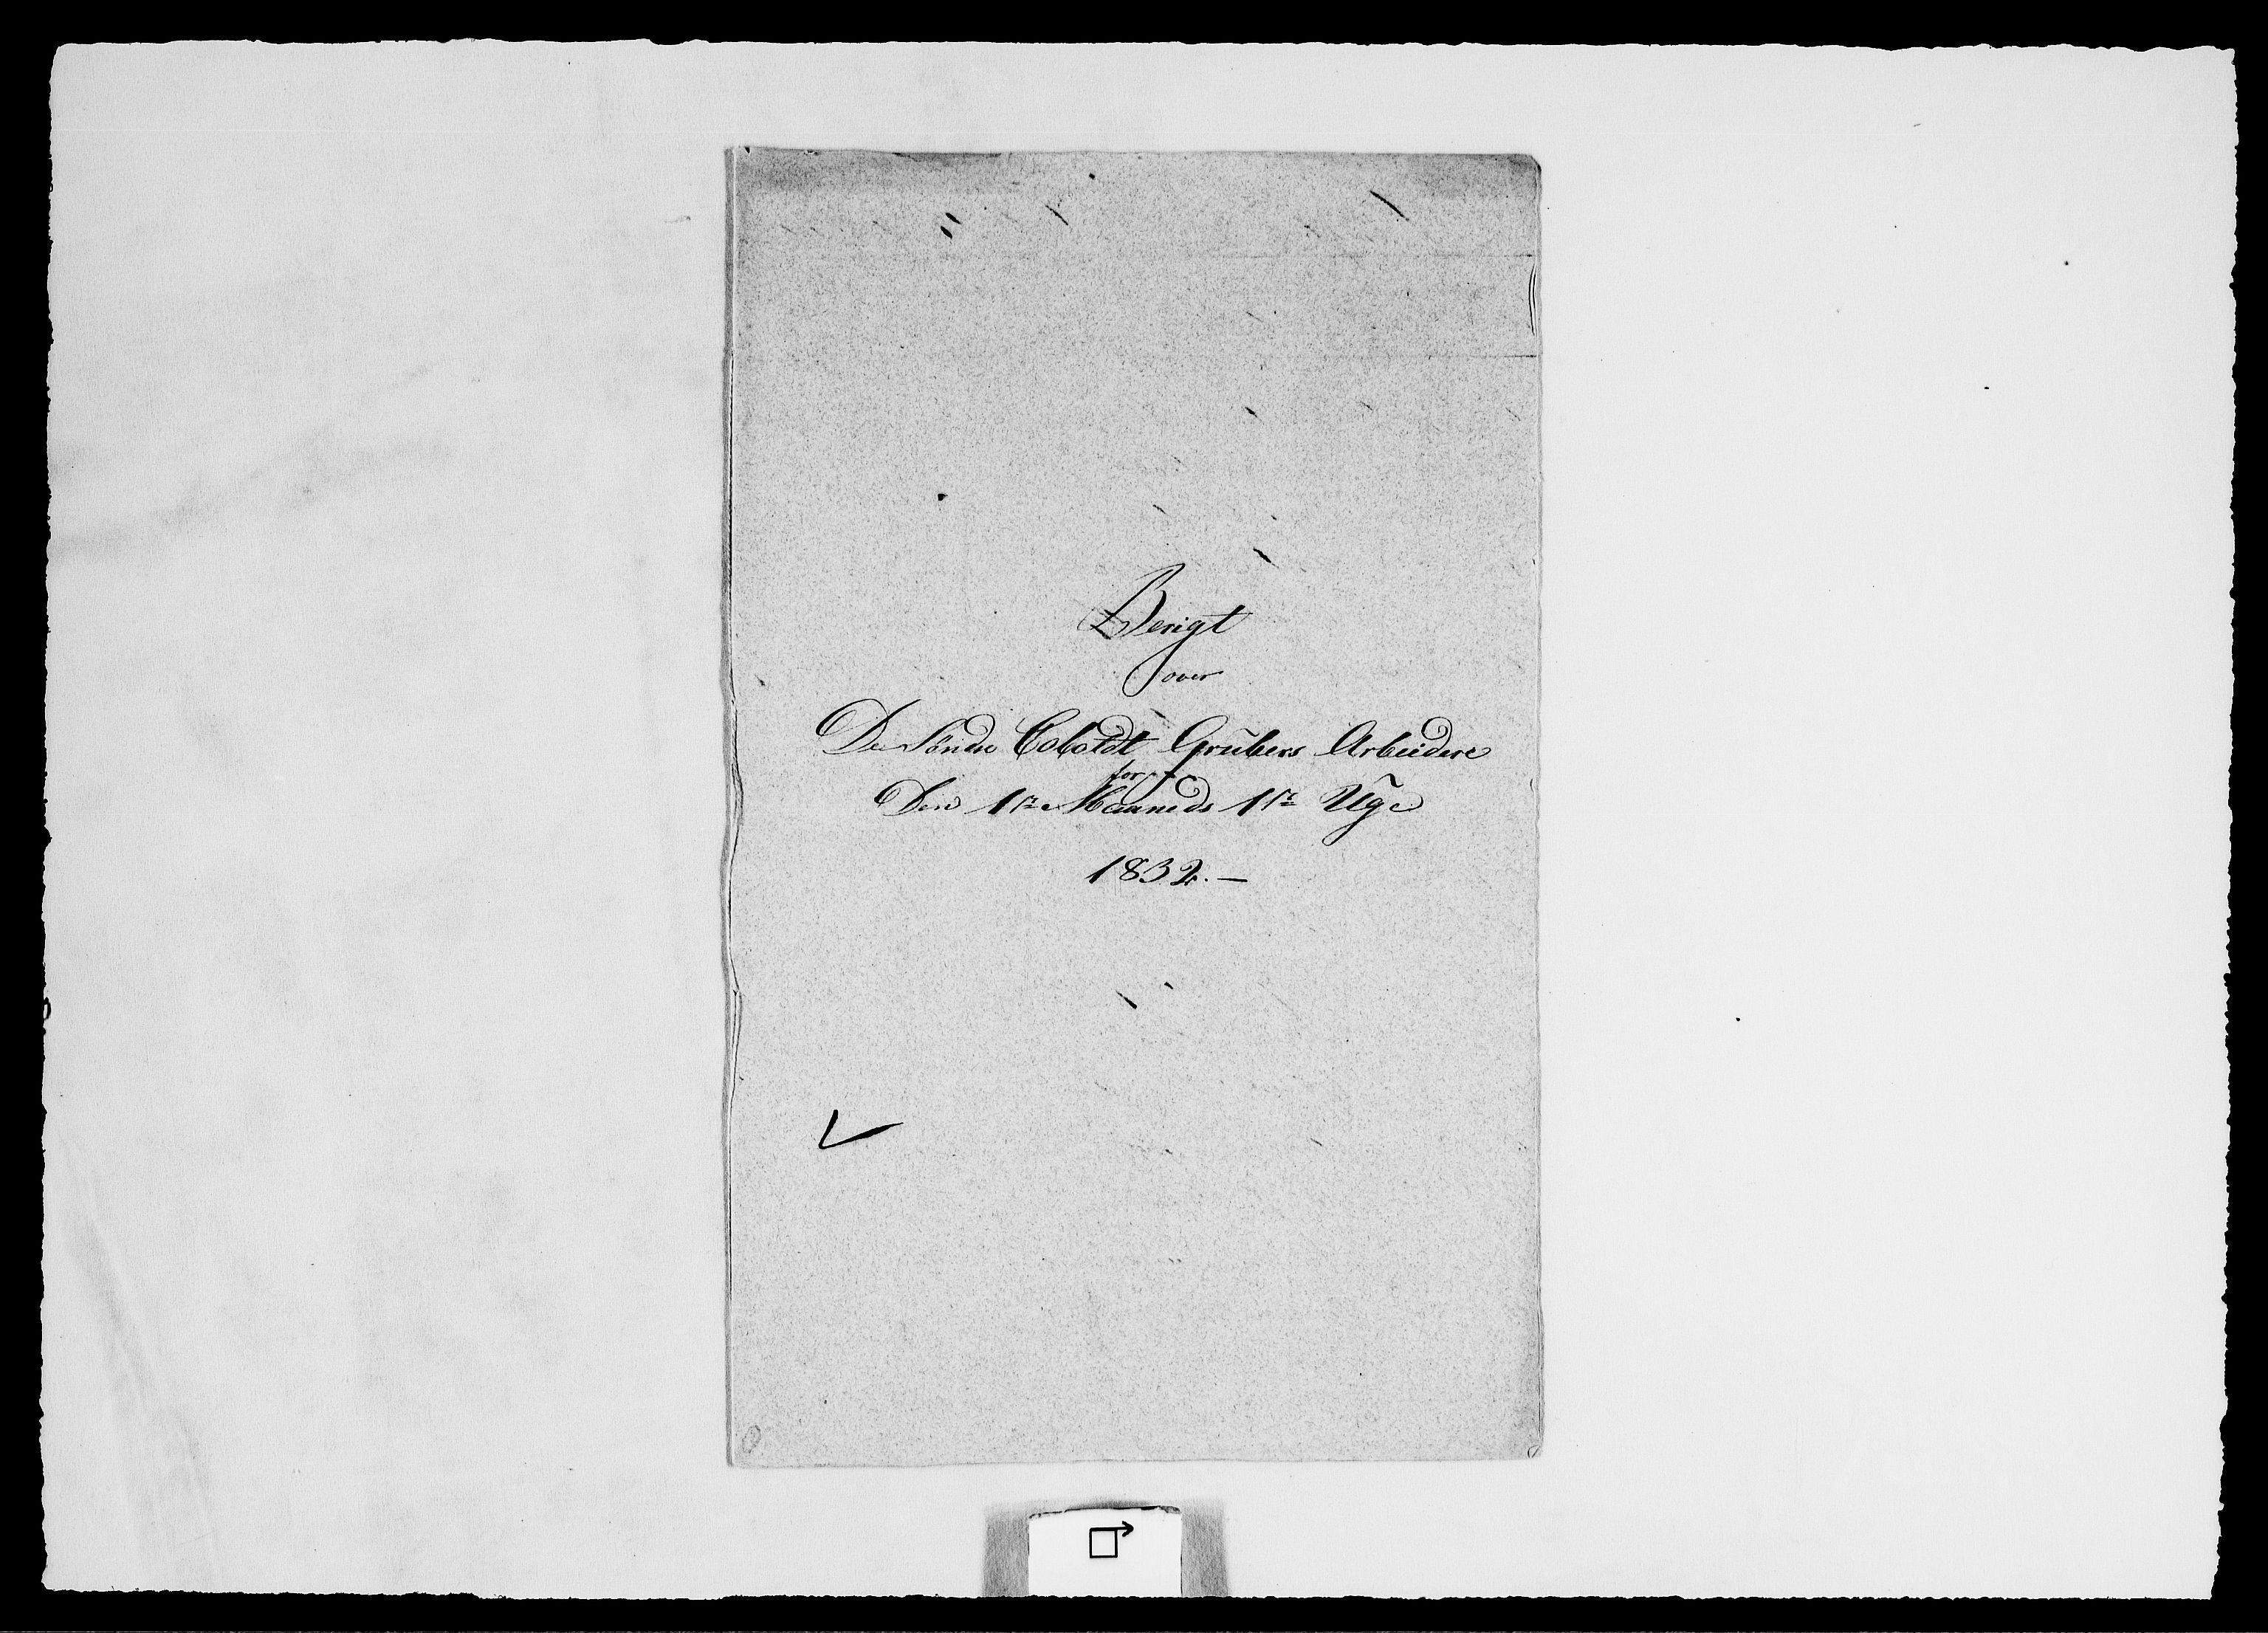 RA, Modums Blaafarveværk, G/Ge/L0339, 1832, s. 2